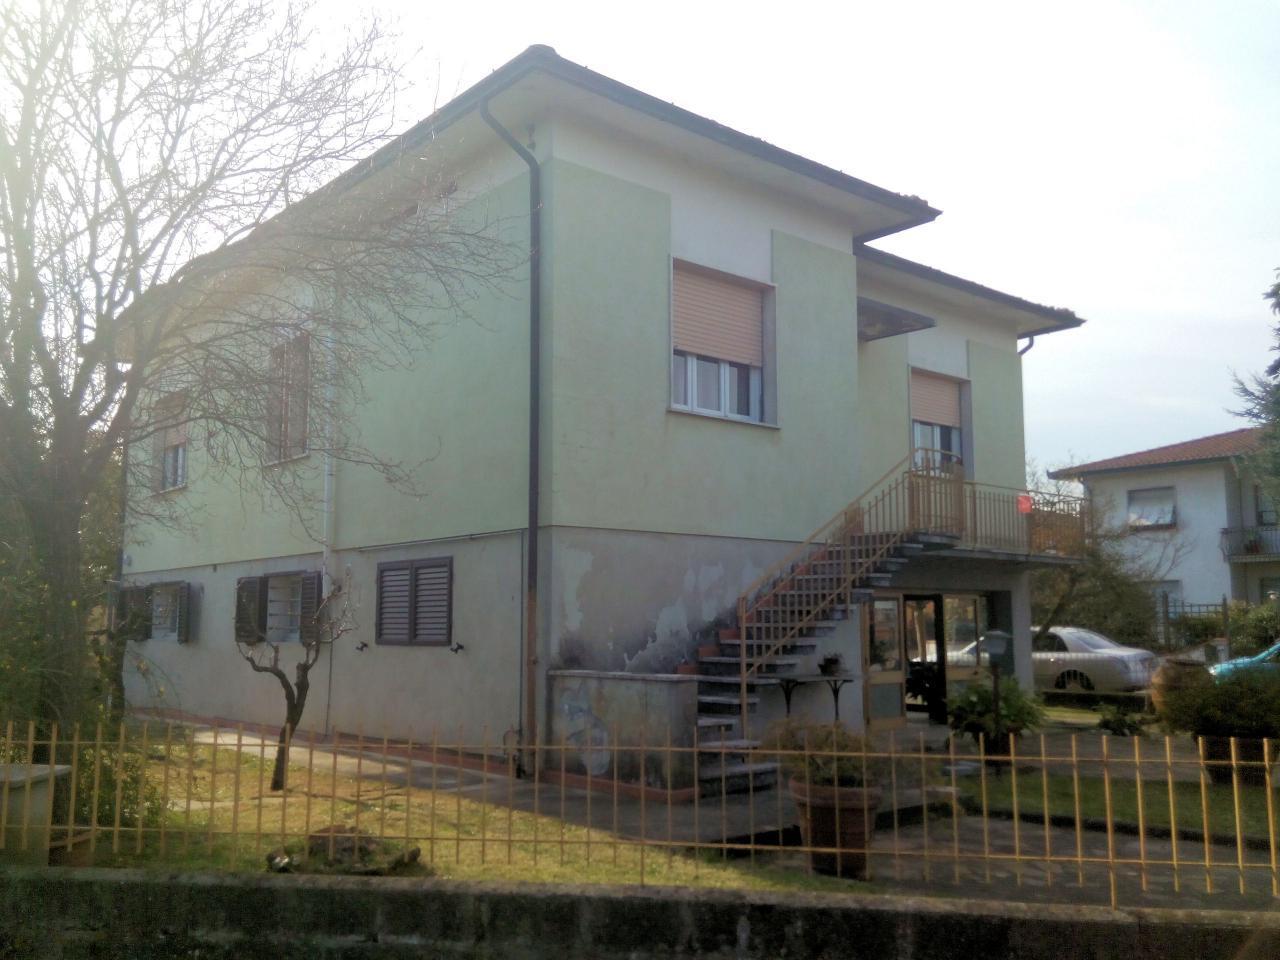 Soluzione Indipendente in vendita a Fucecchio, 8 locali, prezzo € 249.000 | Cambio Casa.it